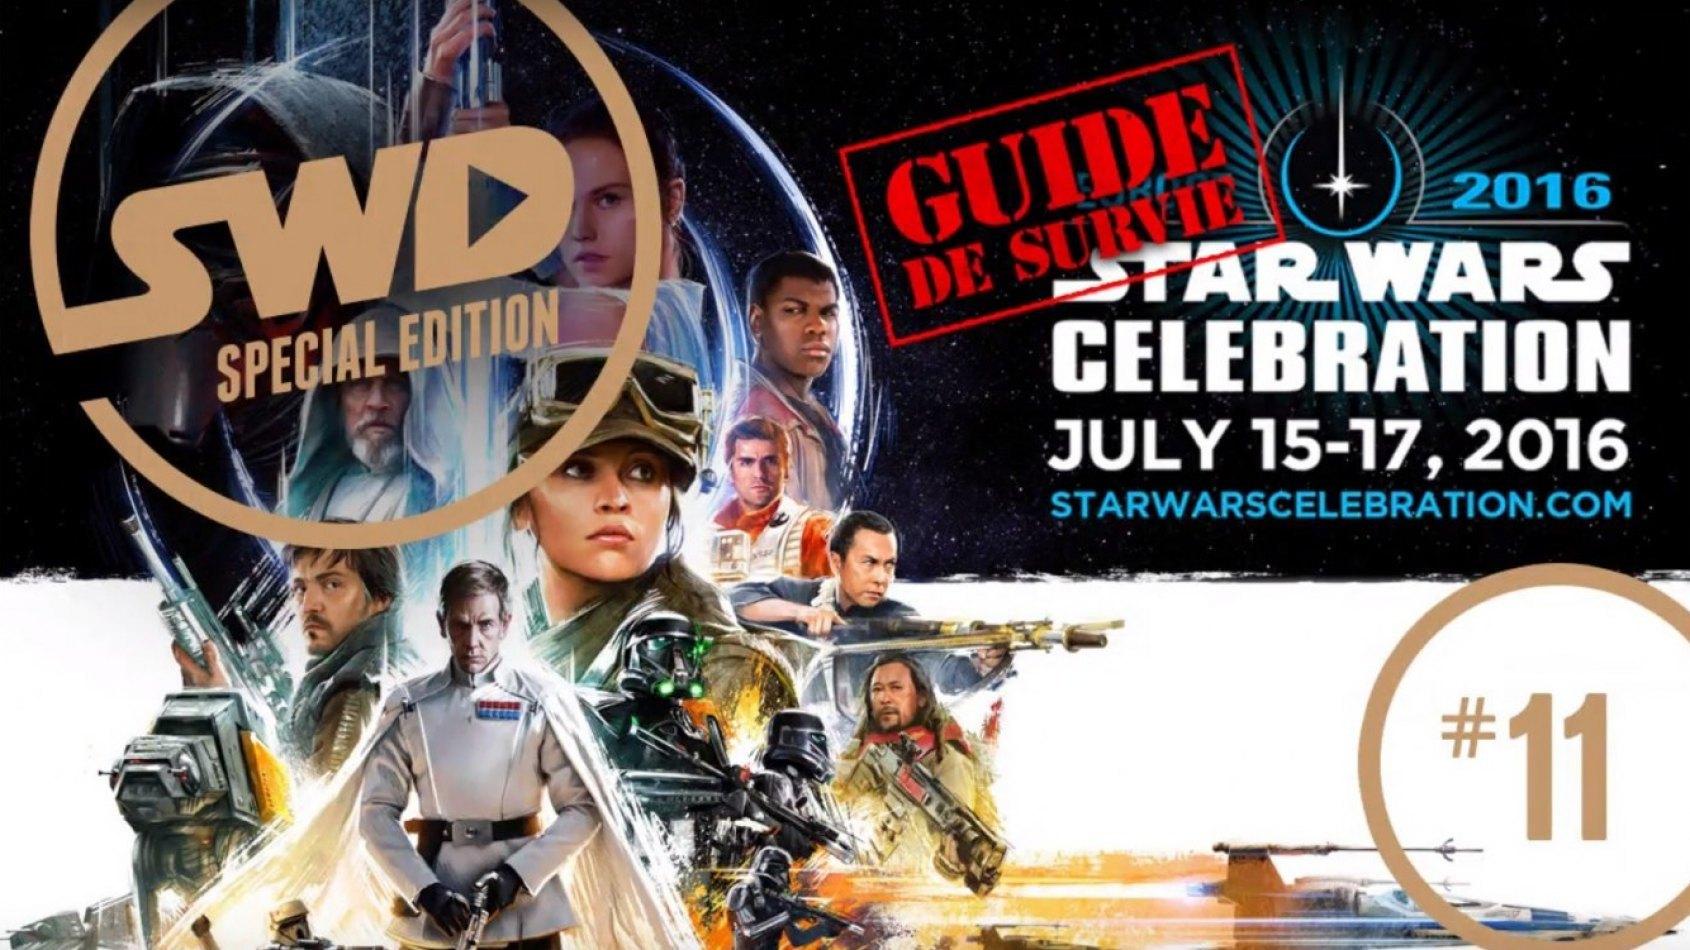 Star Wars Celebration Londres : Le Guide de Survie !